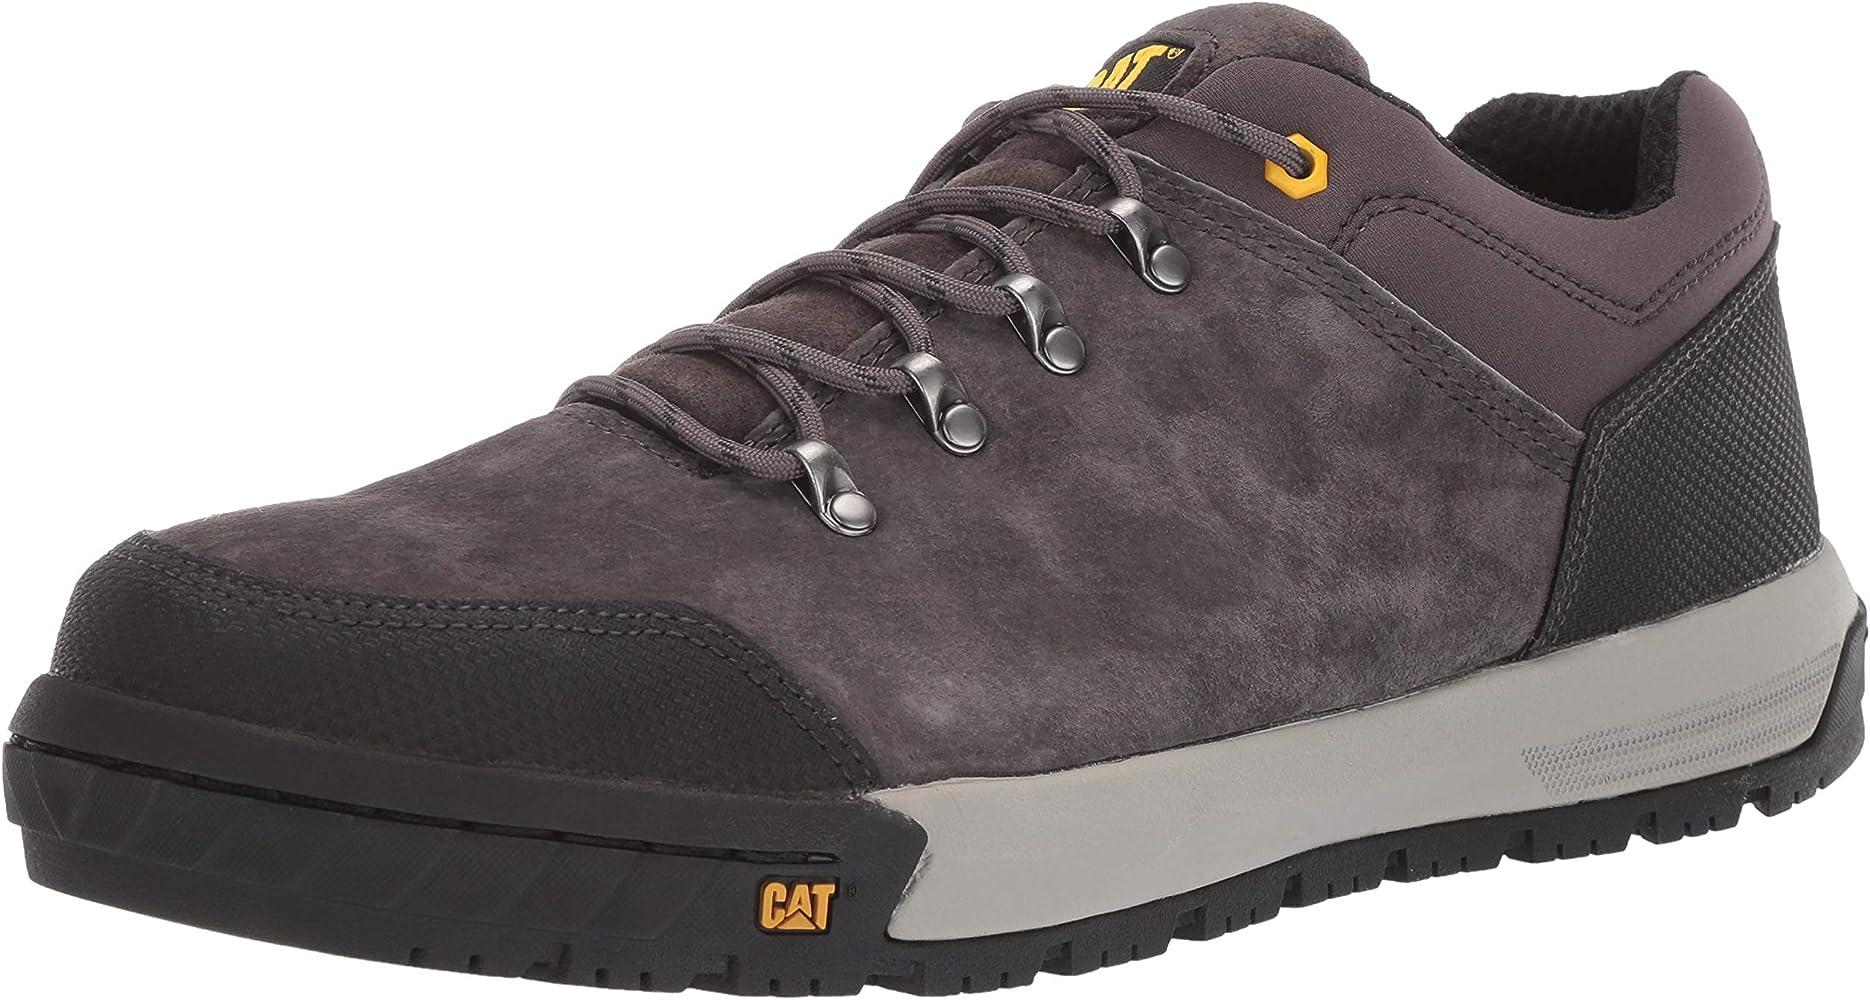 Converge Steel Toe Industrial Shoe